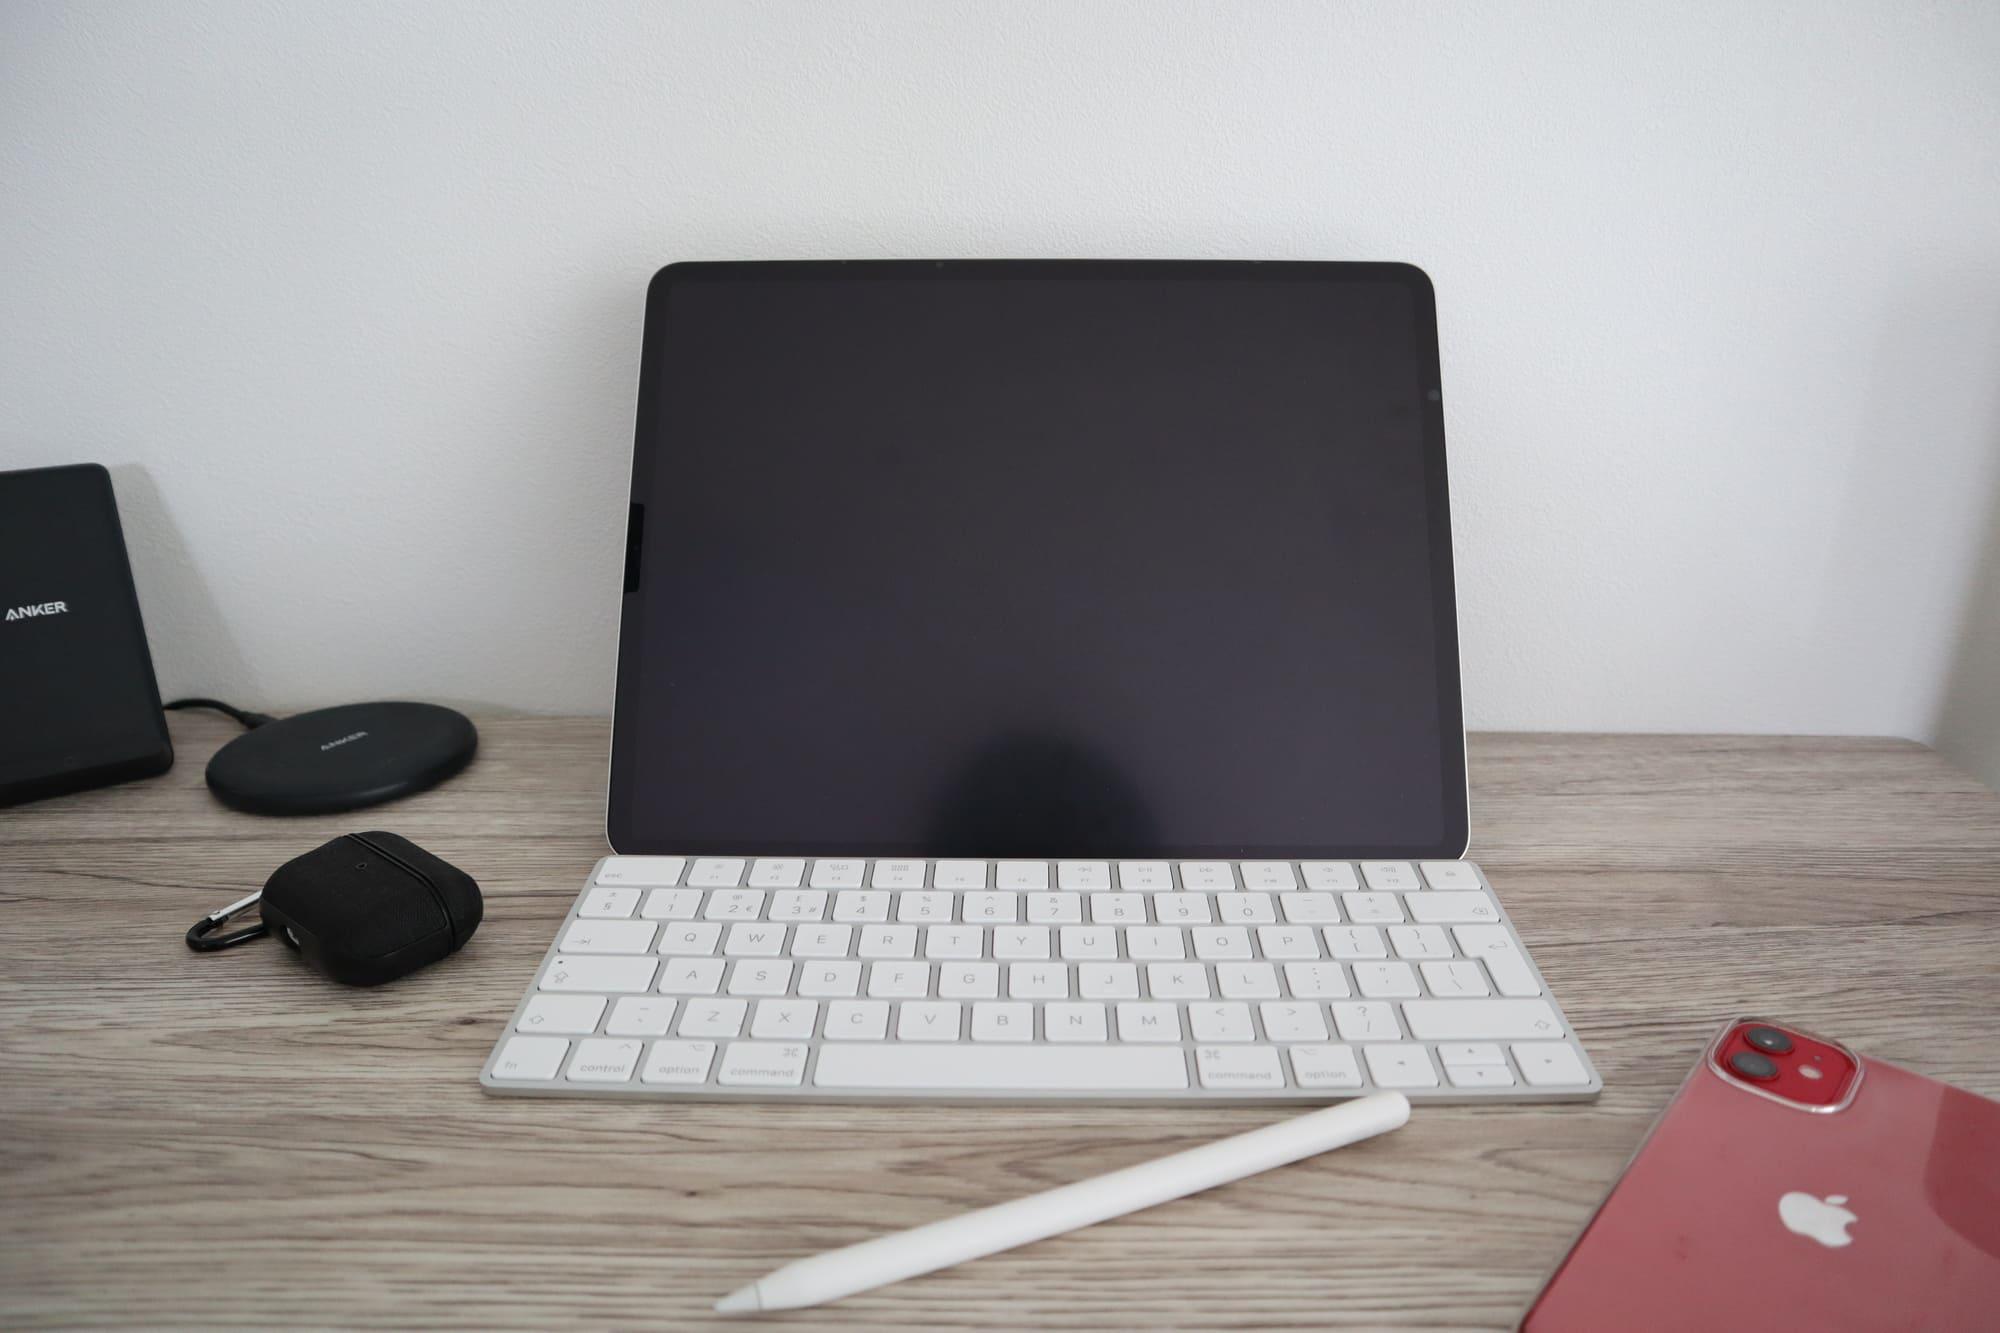 iPadとキーボード